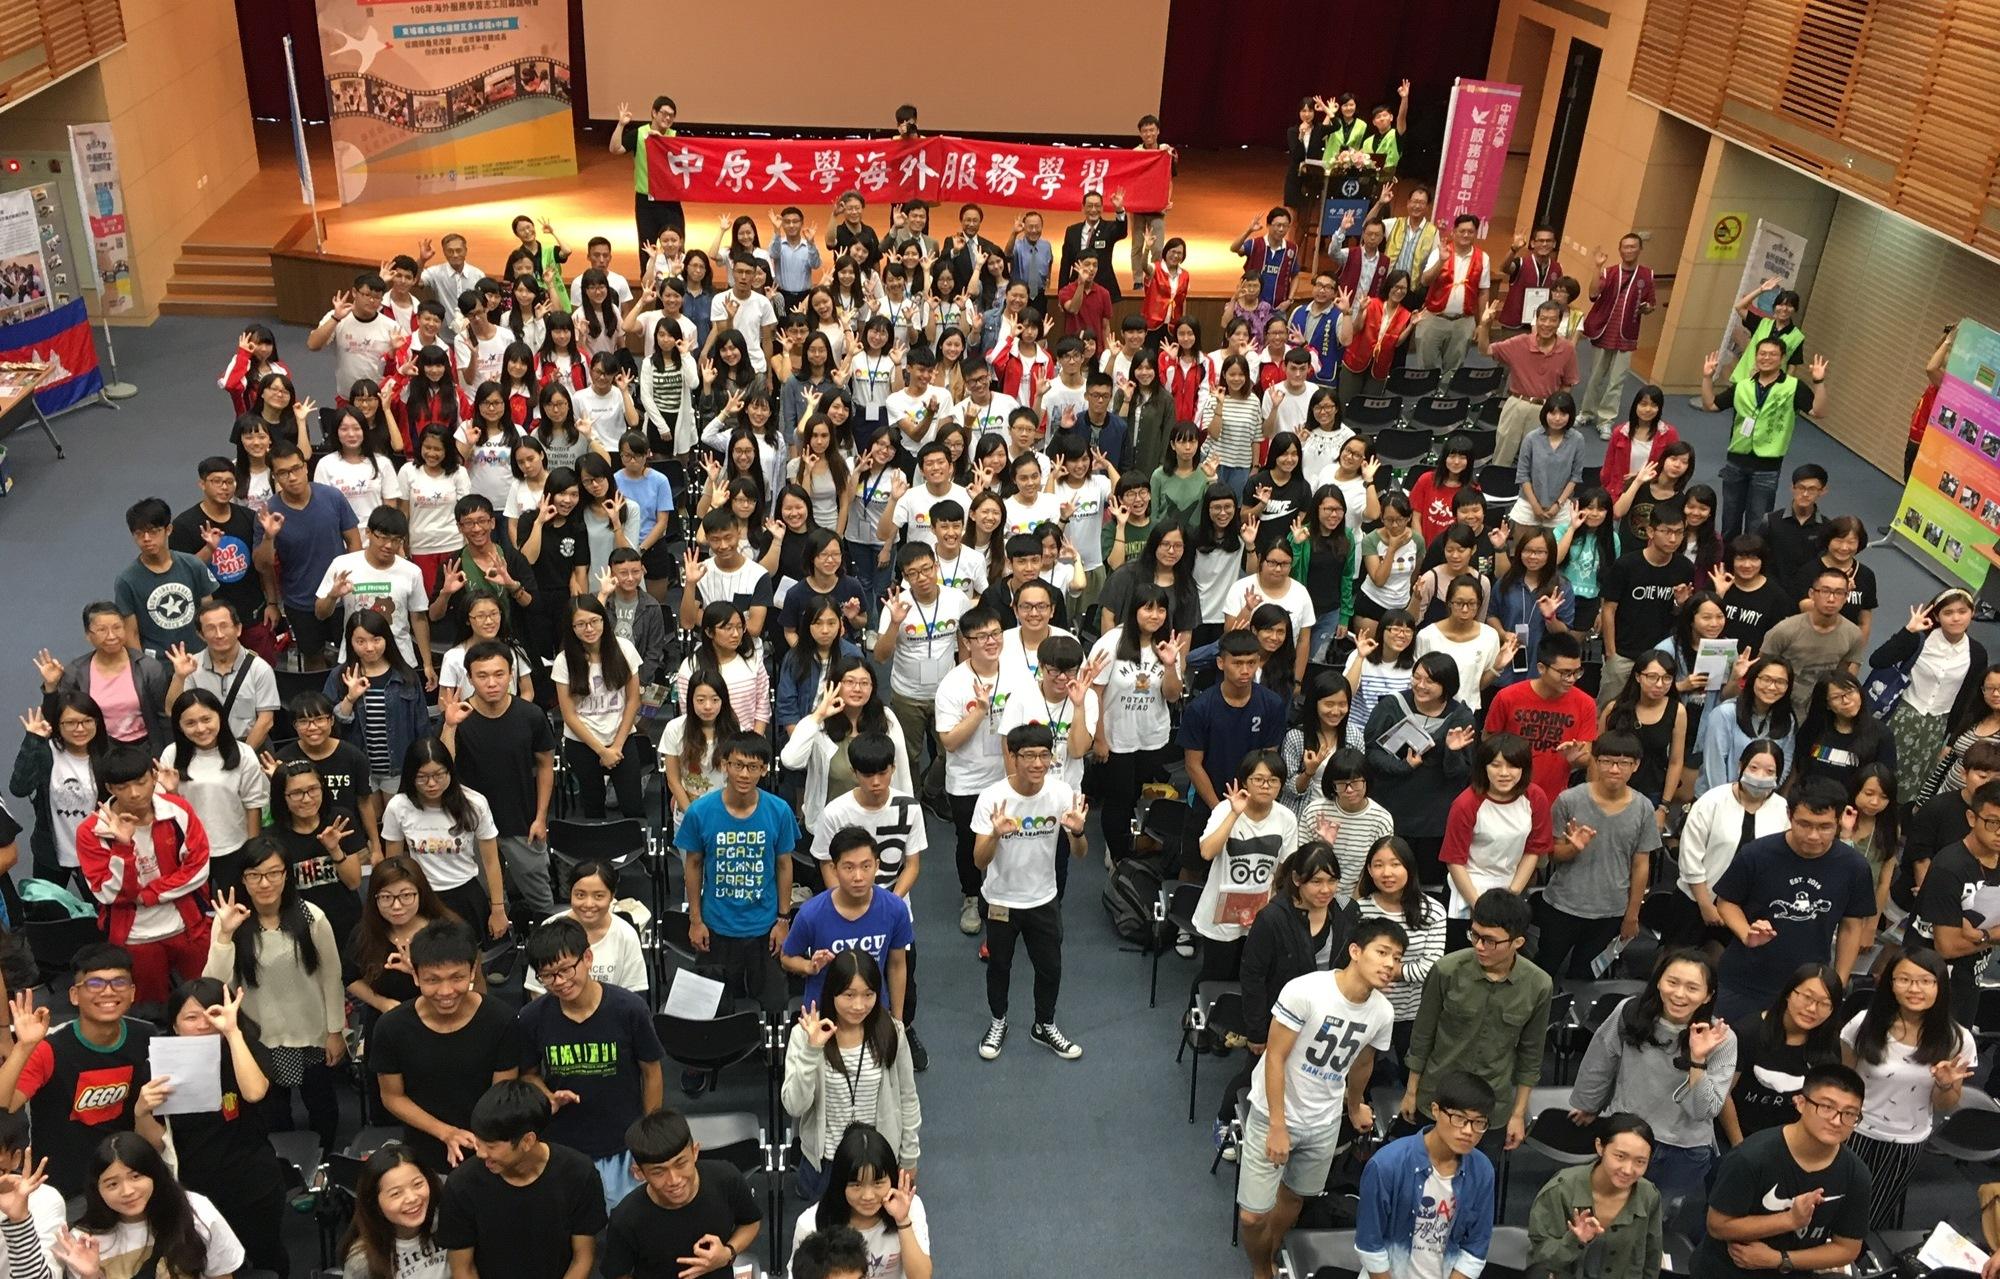 讓世界看見台灣!中原大學把愛帶向世界